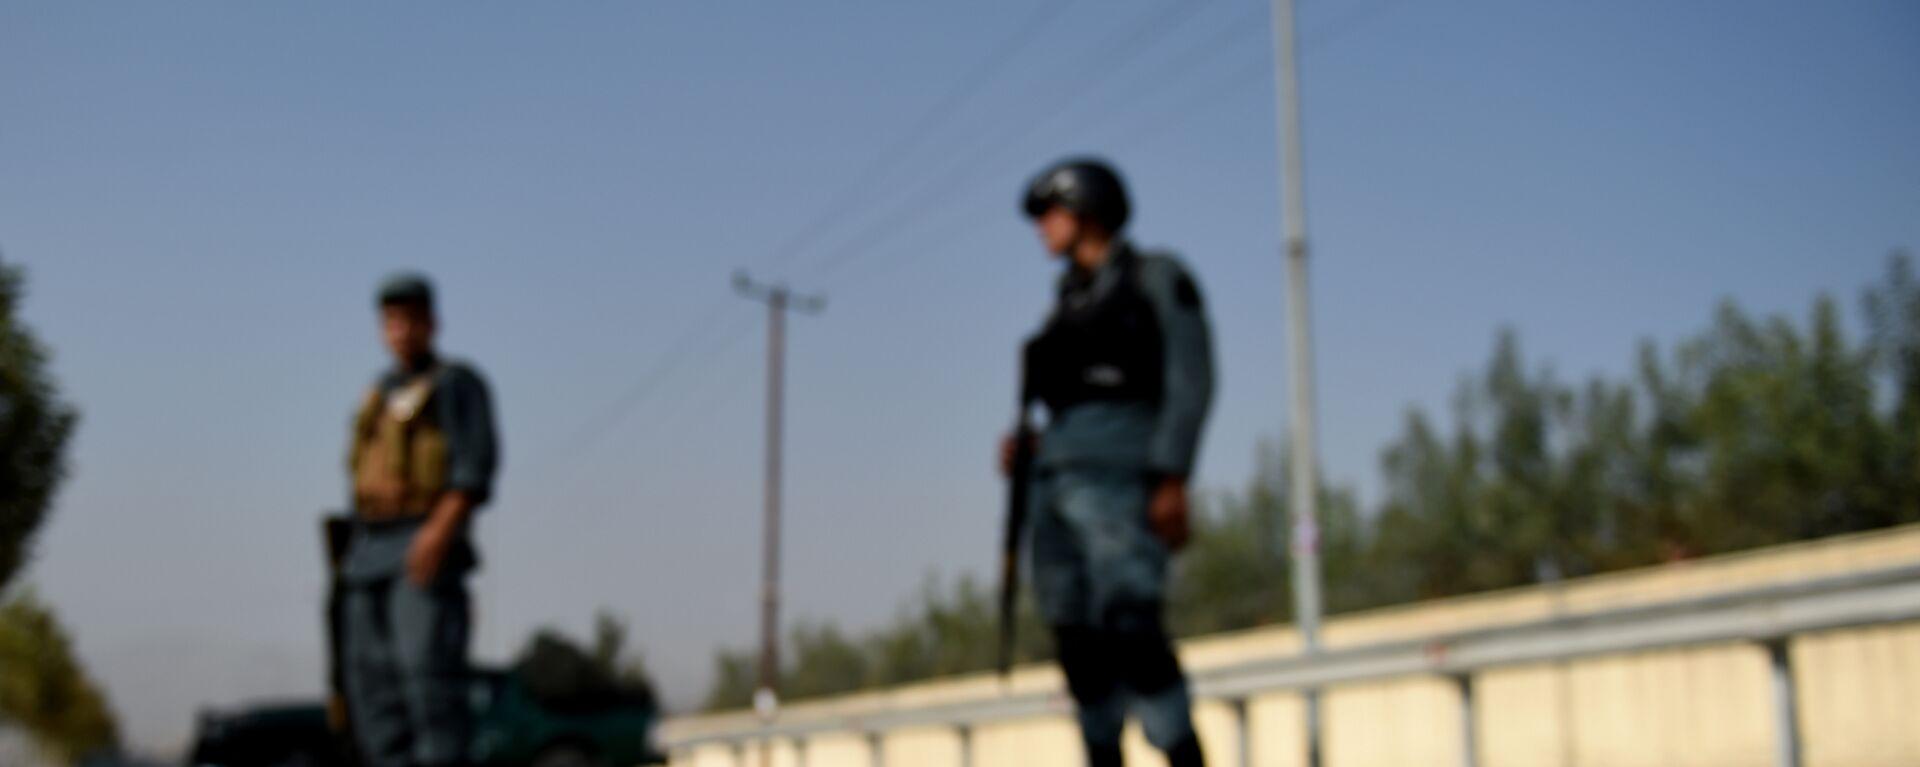 Афганский полицейский на месте взрыва, архивное фото - Sputnik Таджикистан, 1920, 26.08.2021